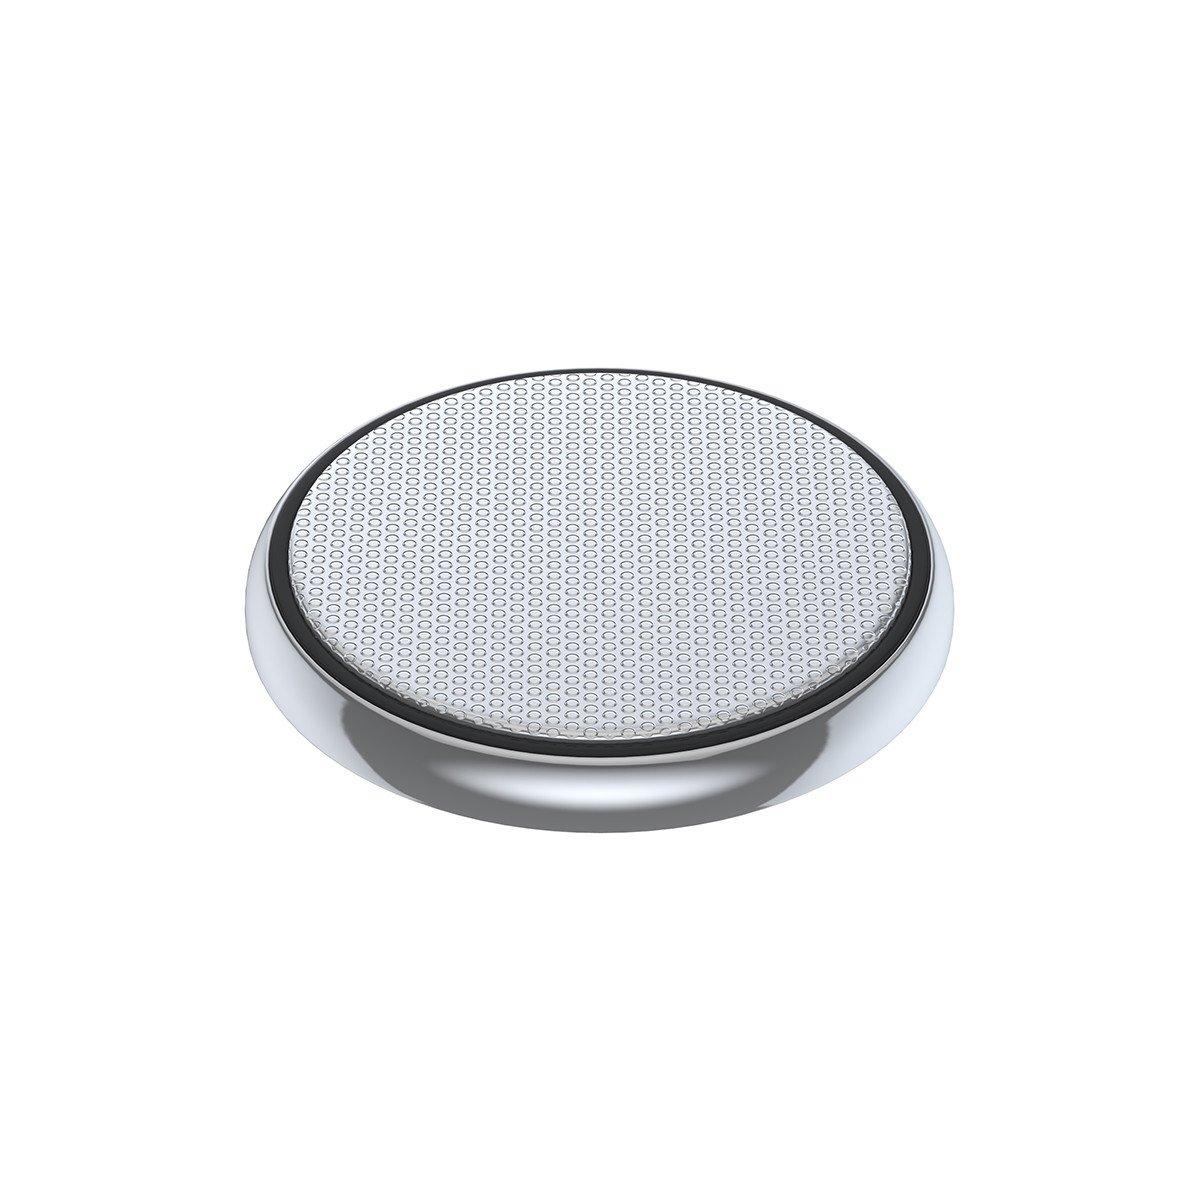 EBL CR2025 Pilas de Botón de Litio 3V para Relojes, Linternas, Llaves del Coche, Calculadoras, Cámaras - 5 Unidades